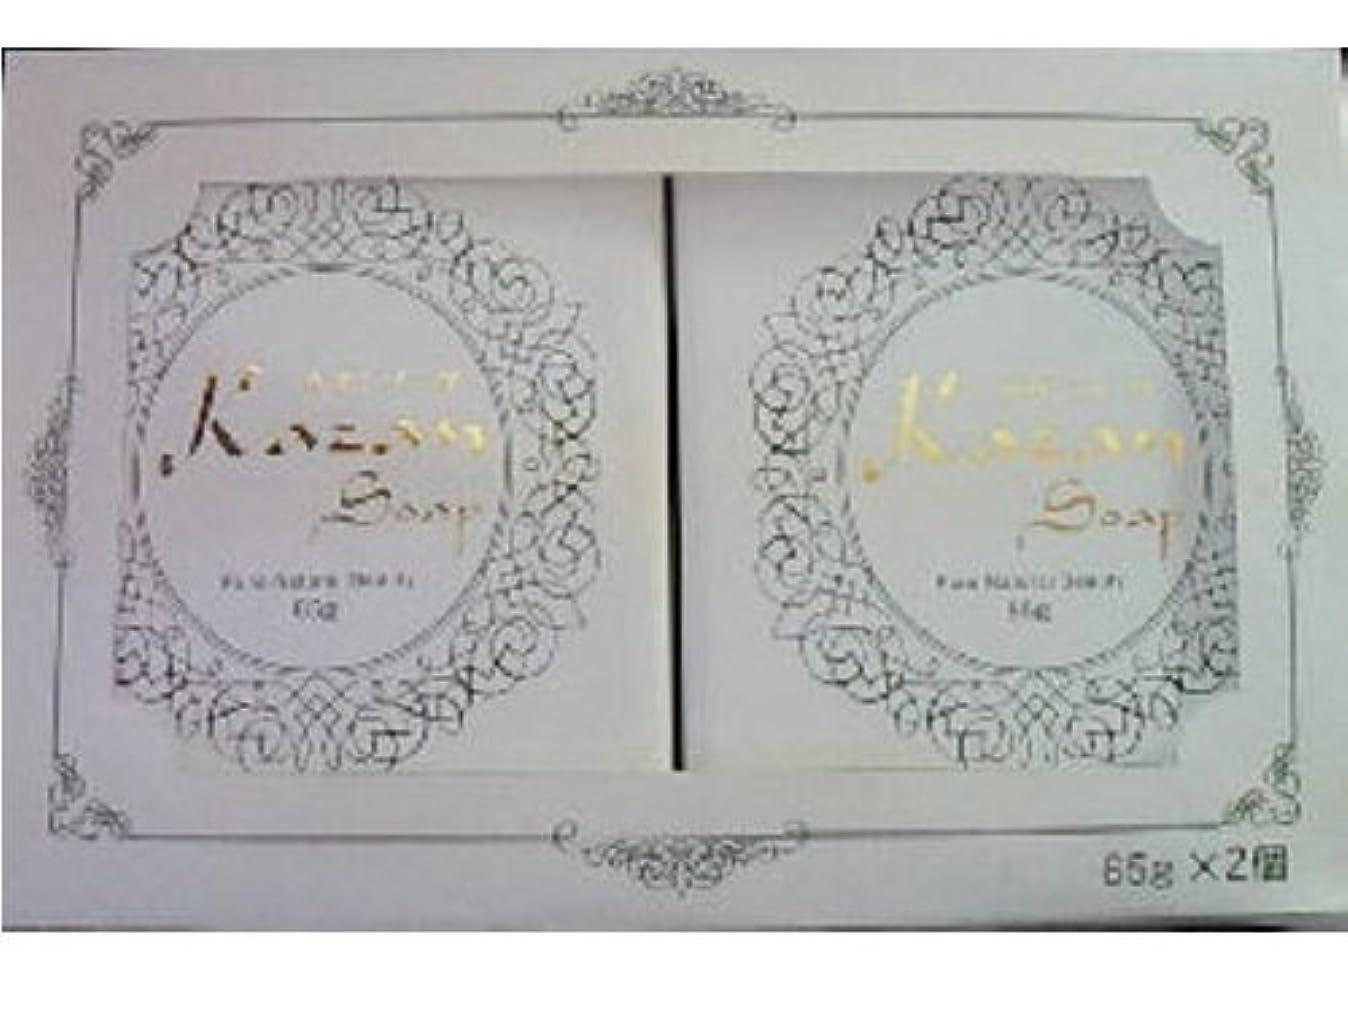 アヒル眉円周カザンソープ 65g×2個